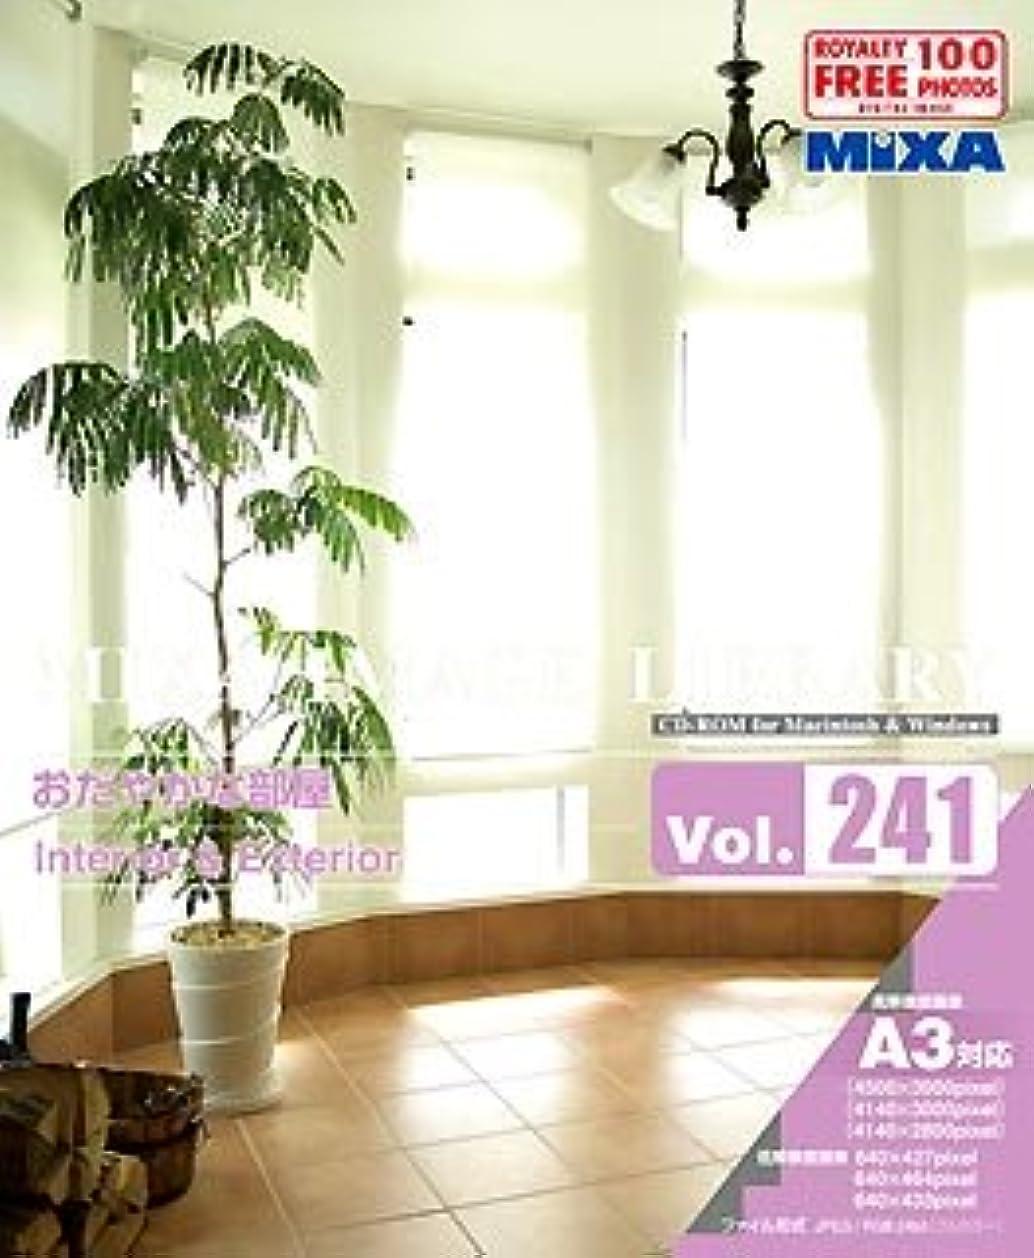 収入コインランドリー格納MIXA Image Library Vol.241 おだやかな部屋